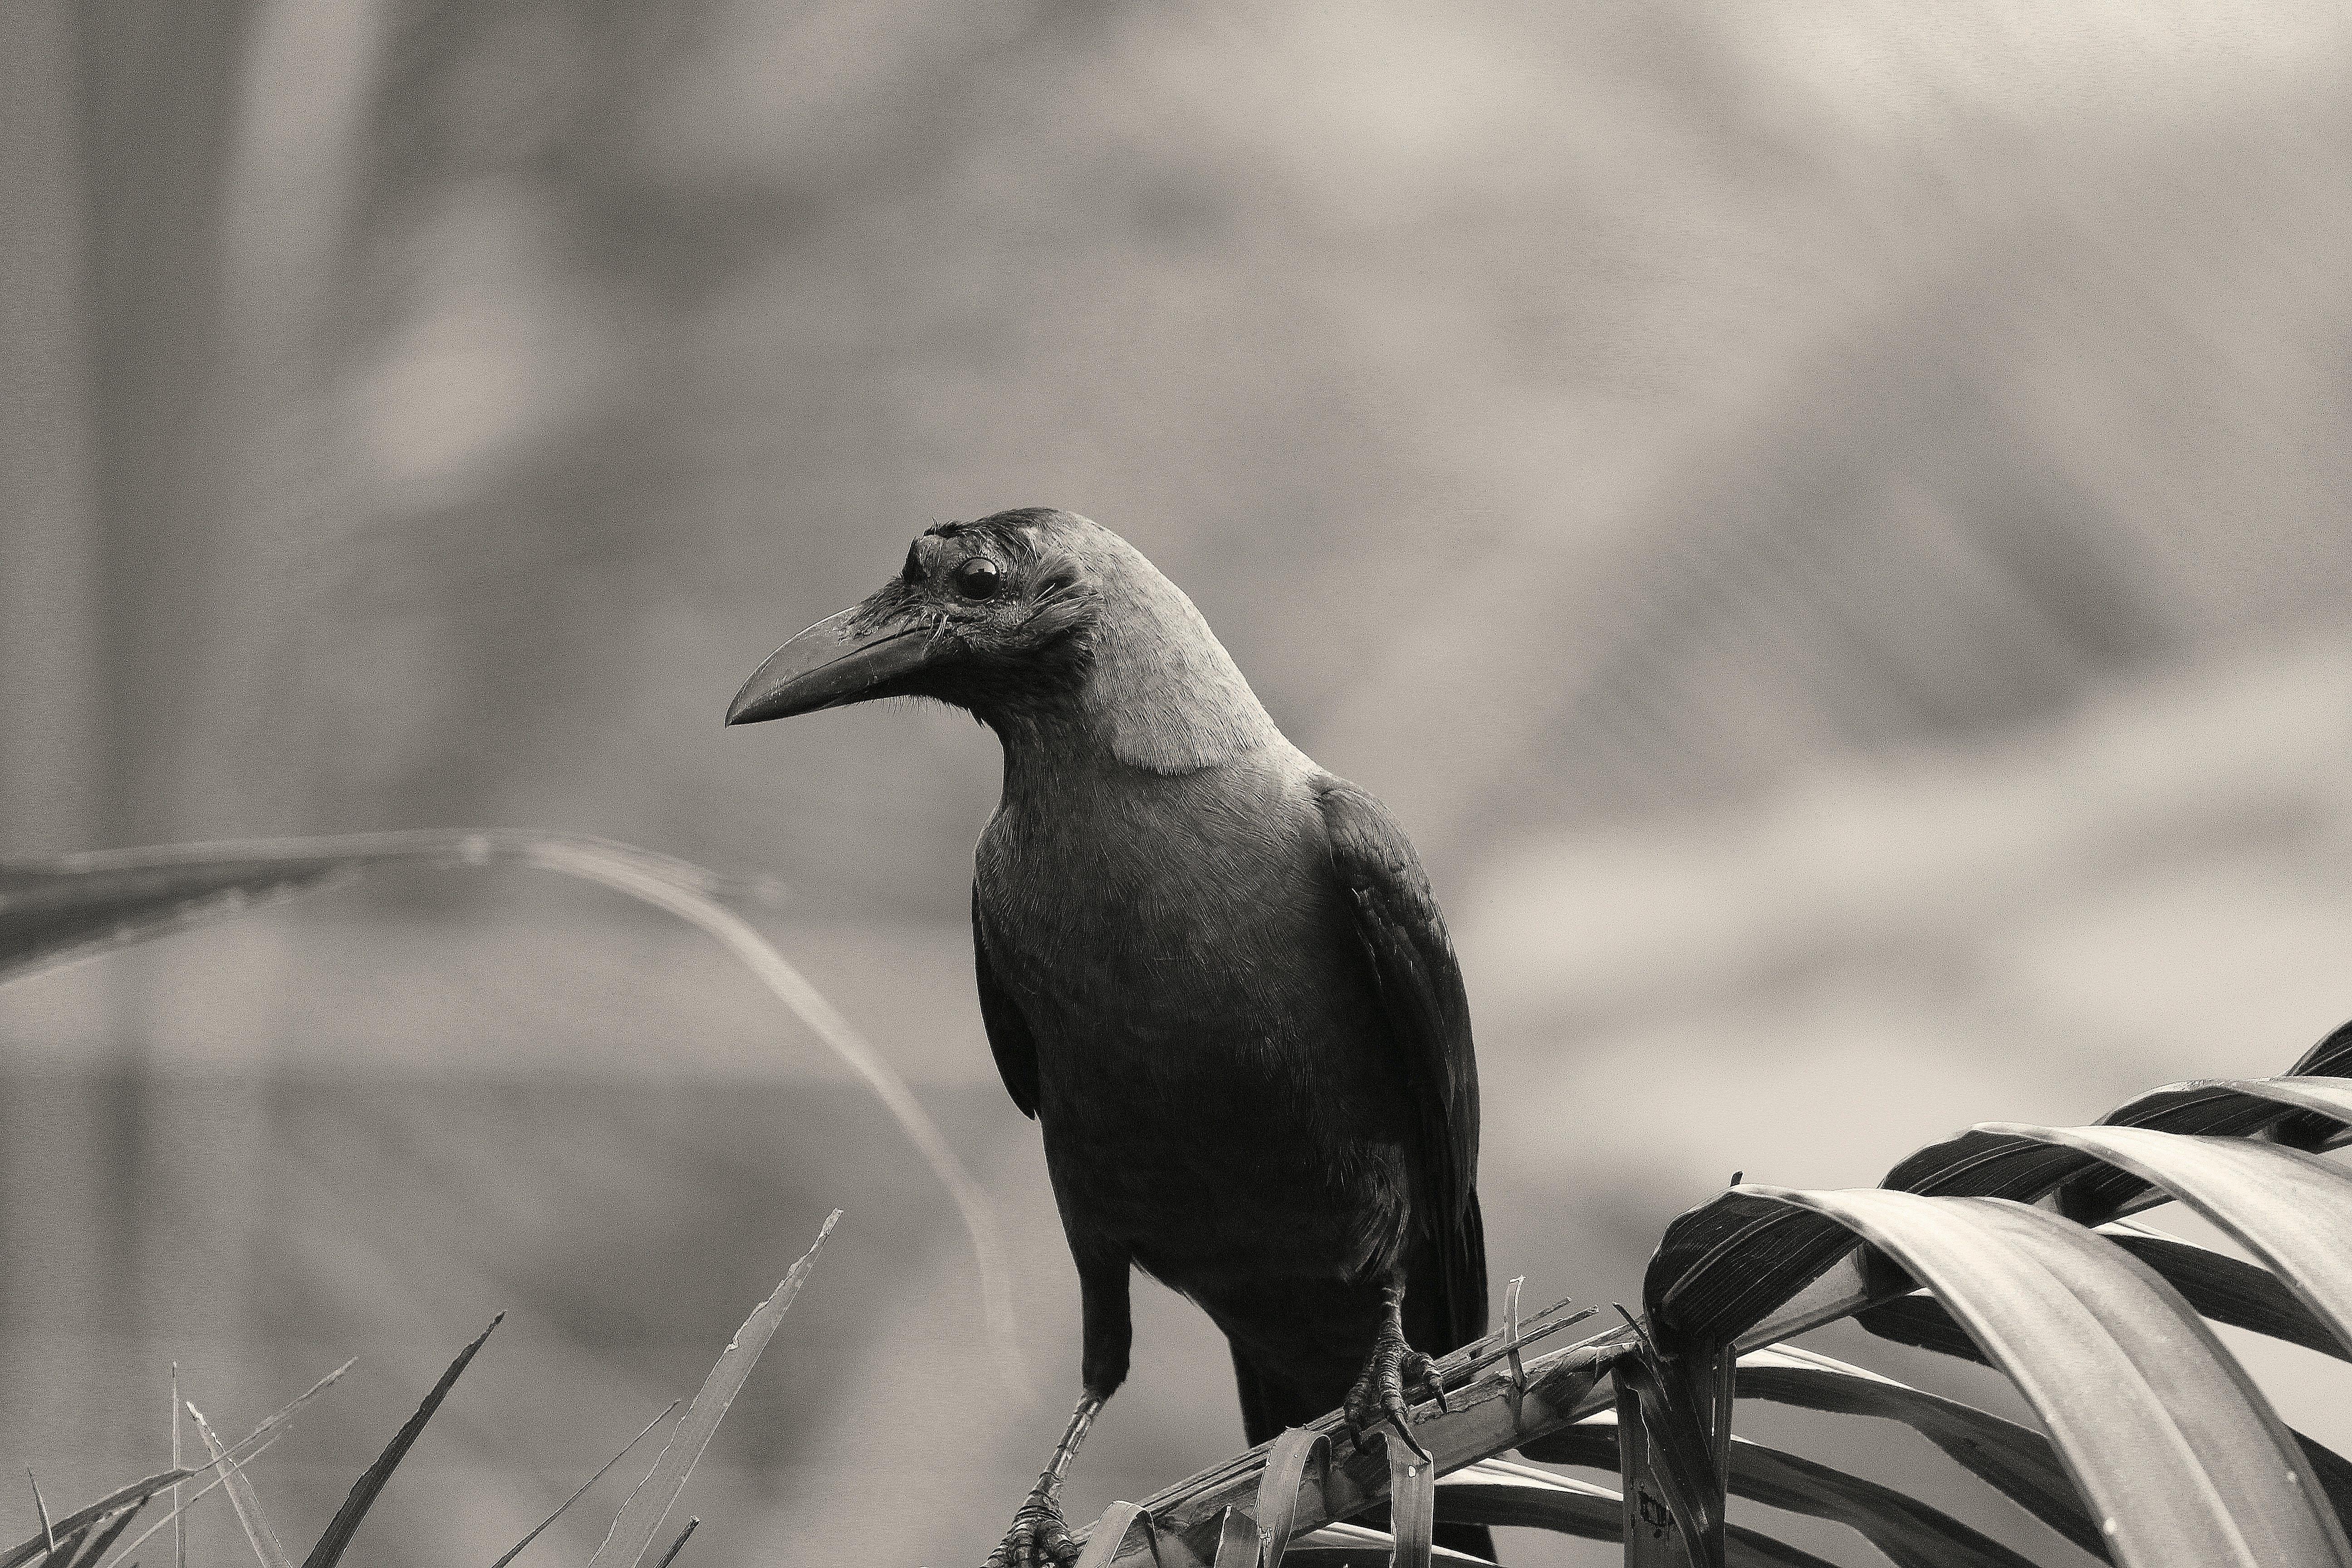 검은색, 공원, 까마귀, 블랙 앤 화이트의 무료 스톡 사진